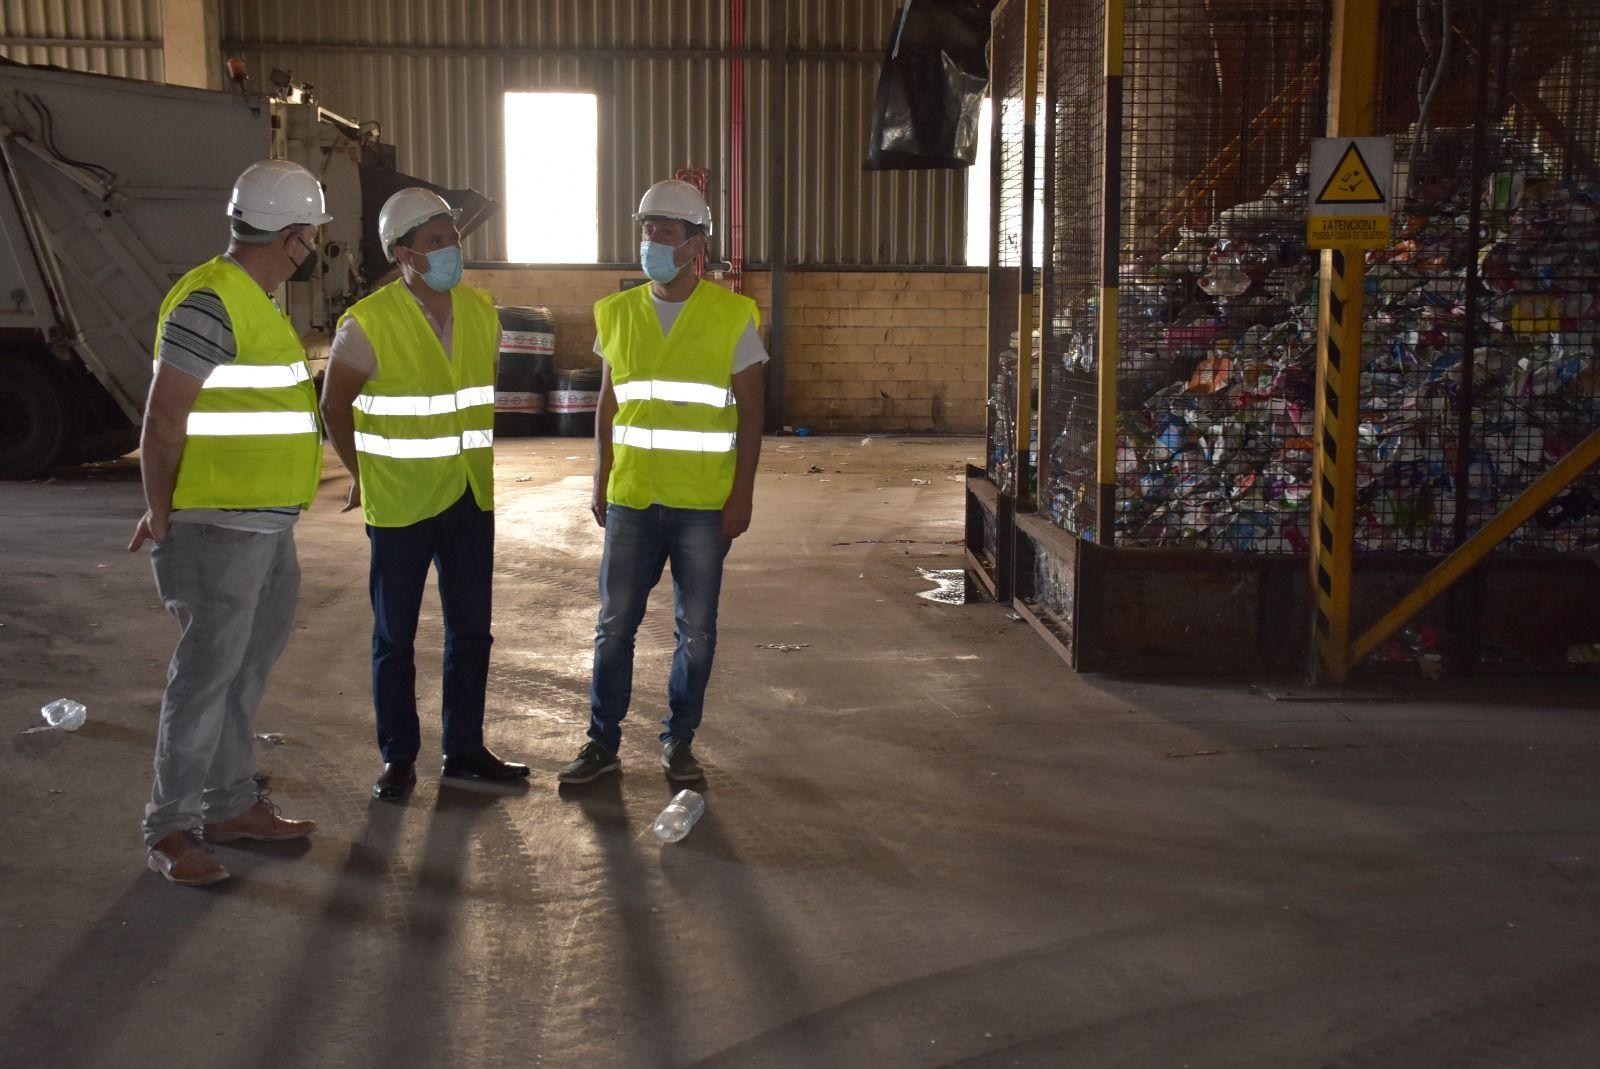 La provincia de Cuenca ha reciclado 160 toneladas más en el primer semestre del año de cartón y plásticos